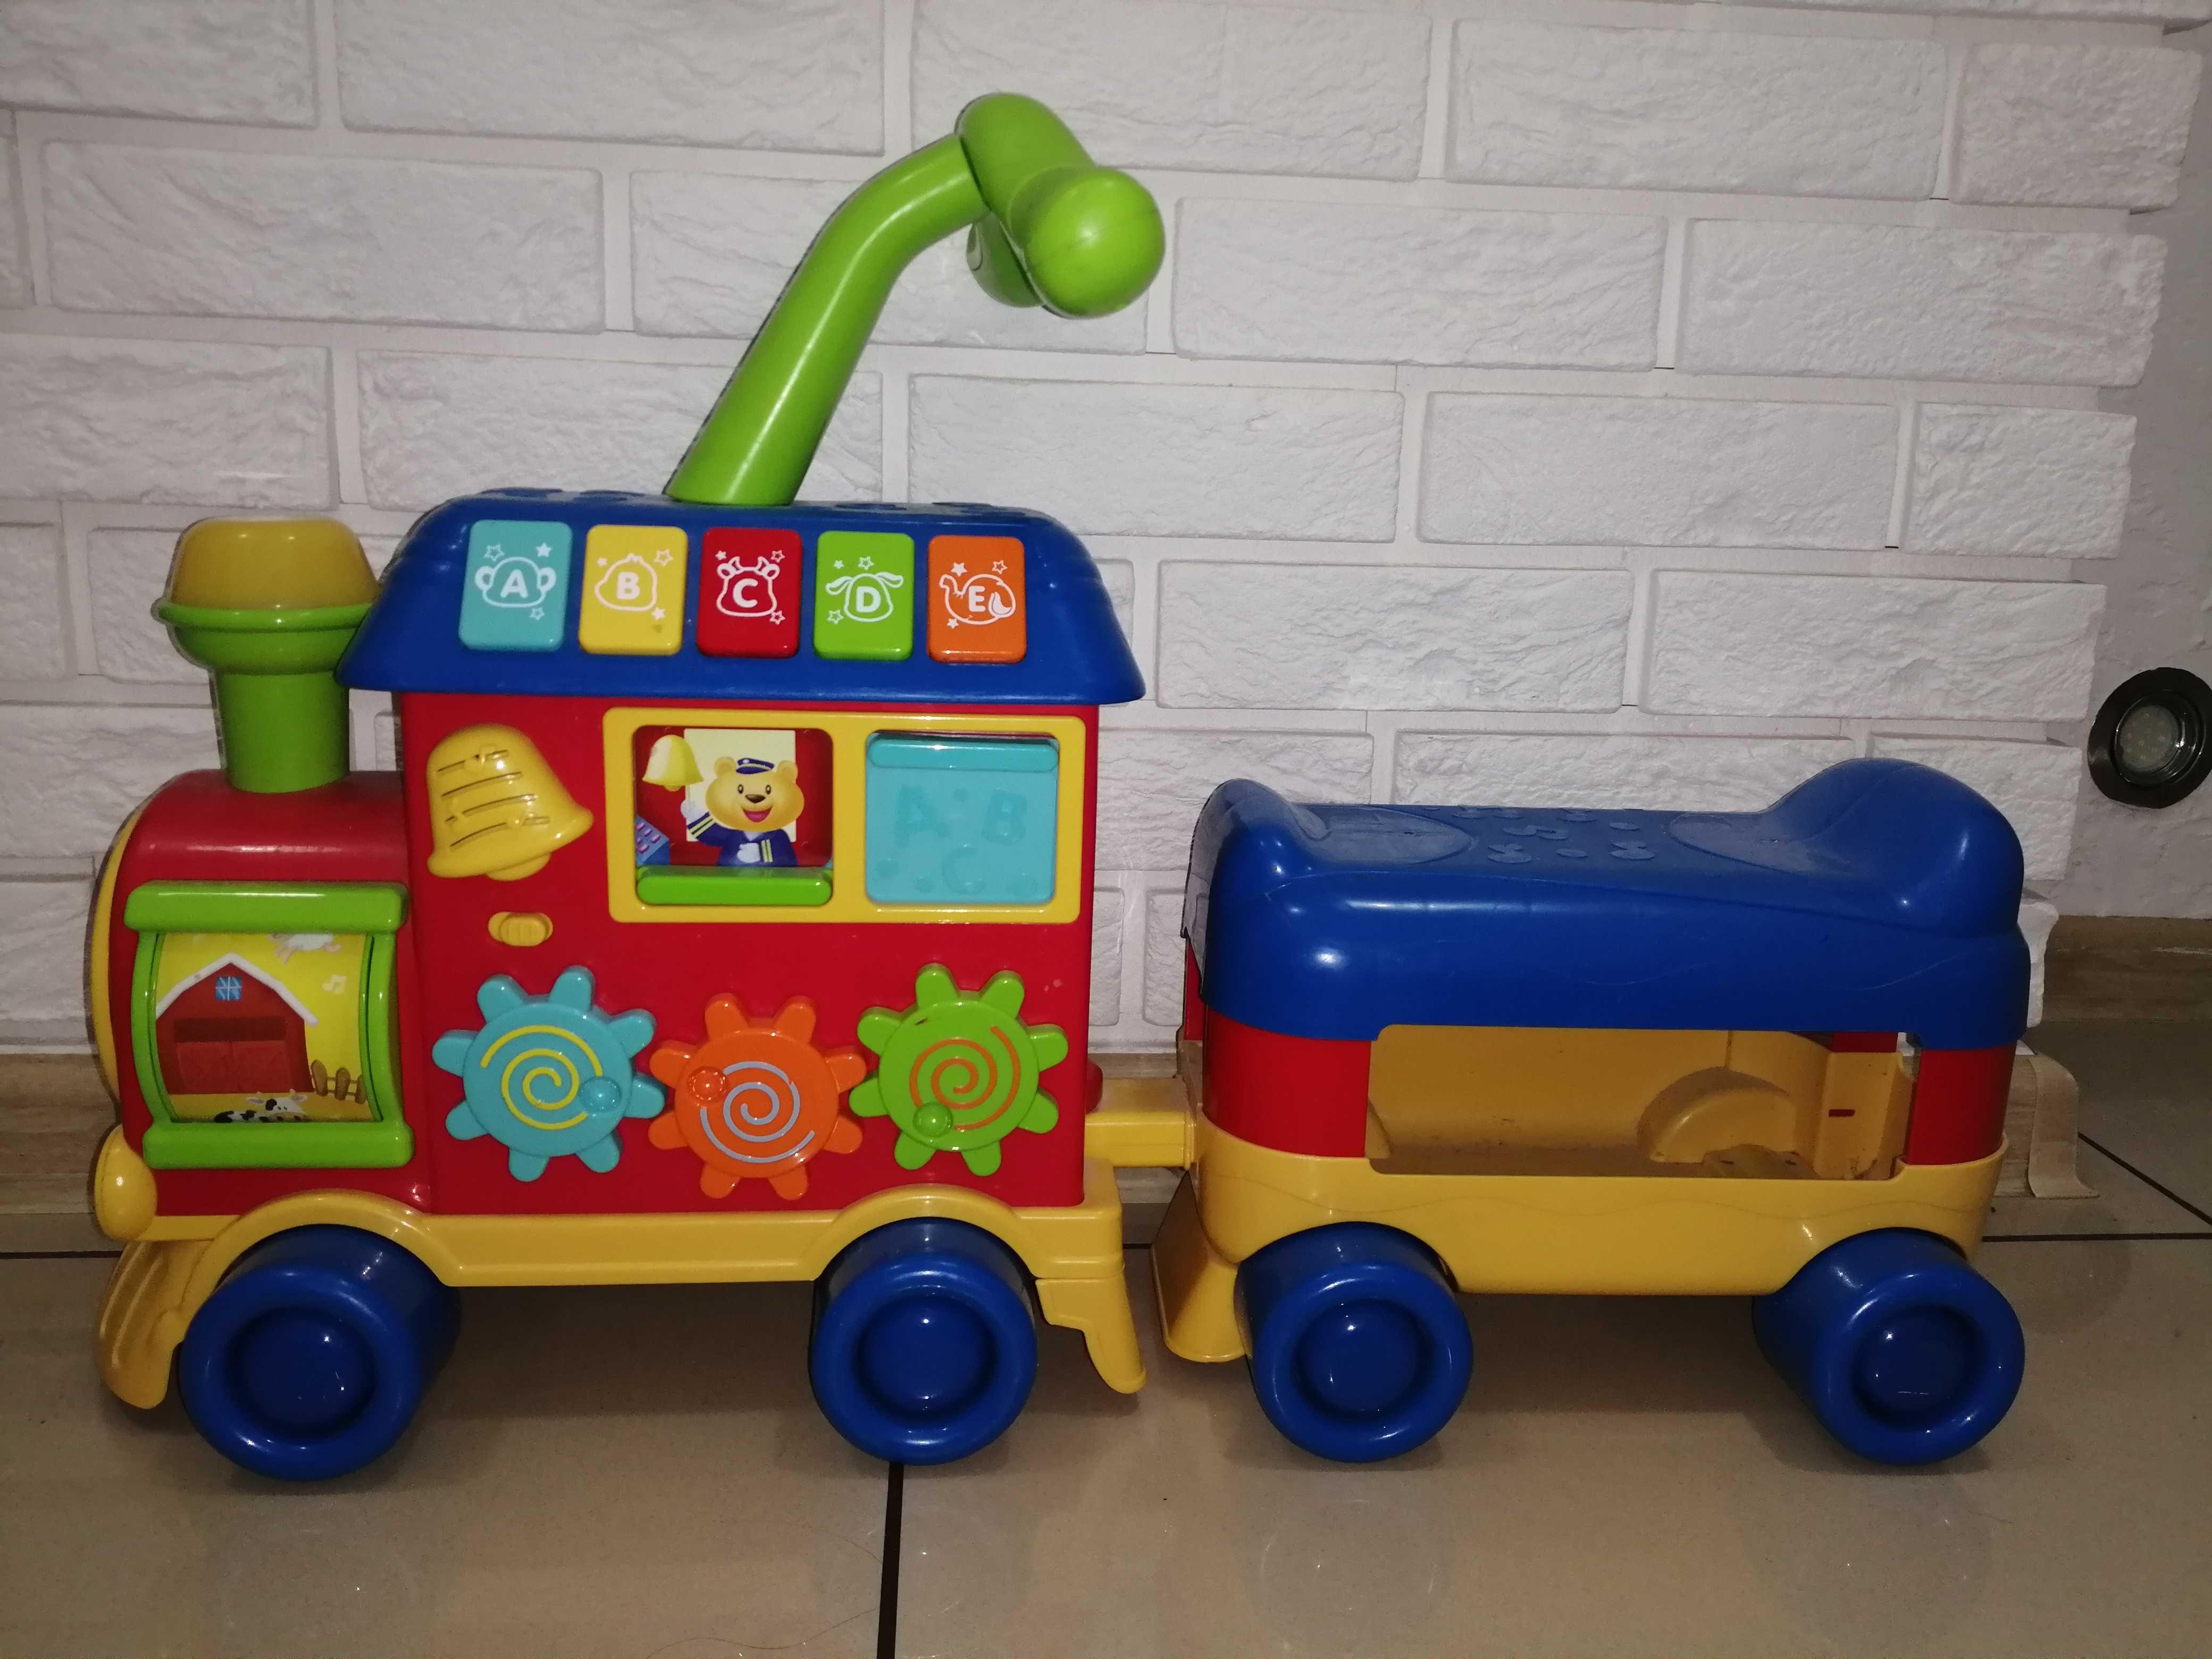 Sprzedam pchacz lokomotywa Smilly Play